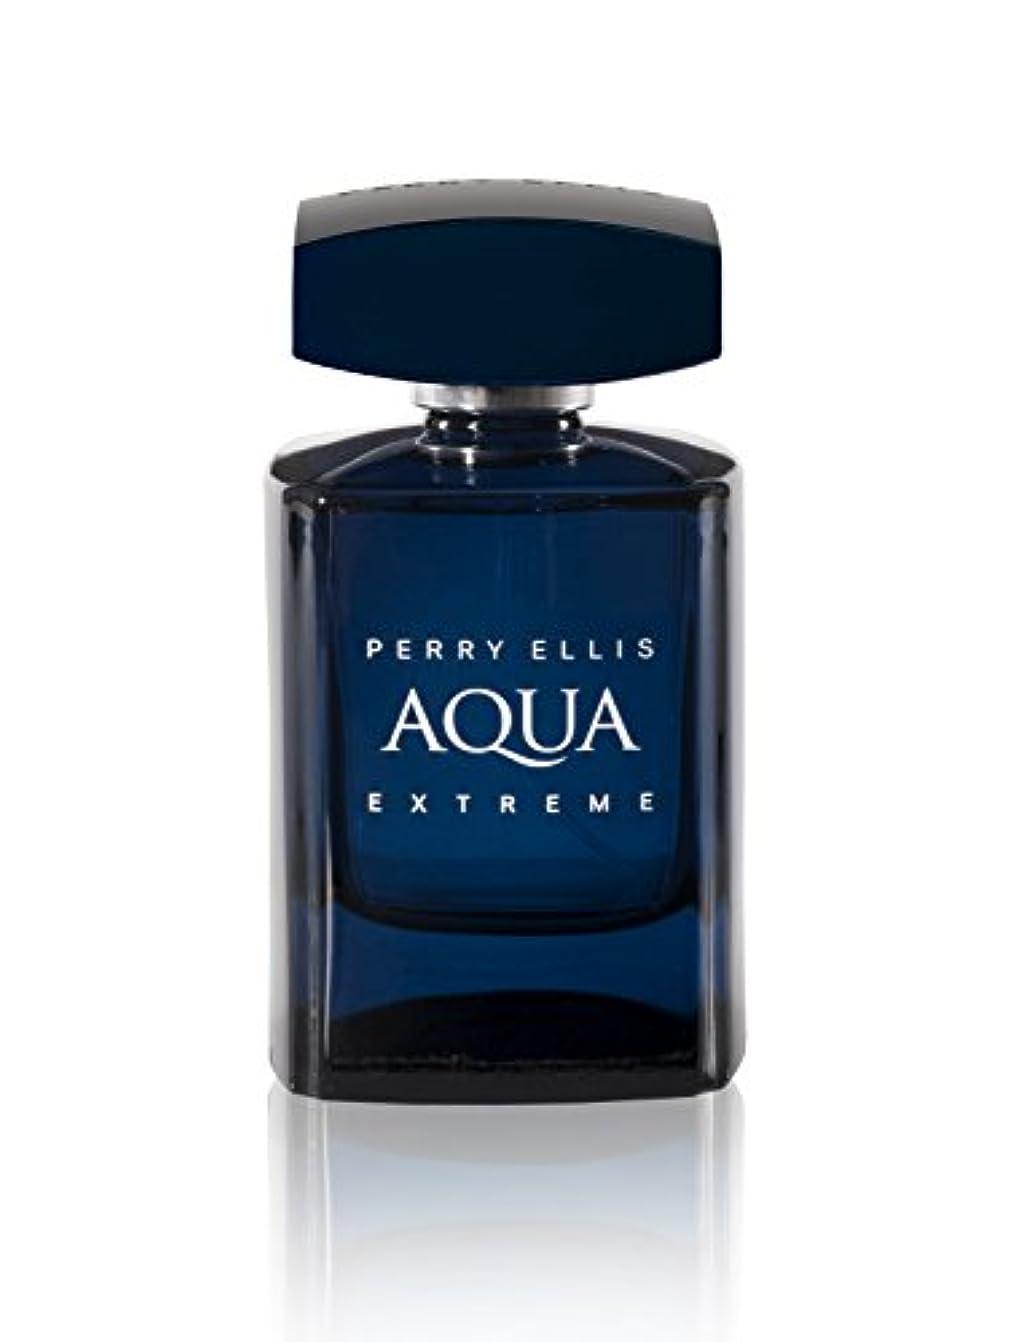 デンマーク語断言するジャズPerry Ellis Aqua Extreme 100ml/3.4oz Eau de Toilette Spray EDT Cologne for Men